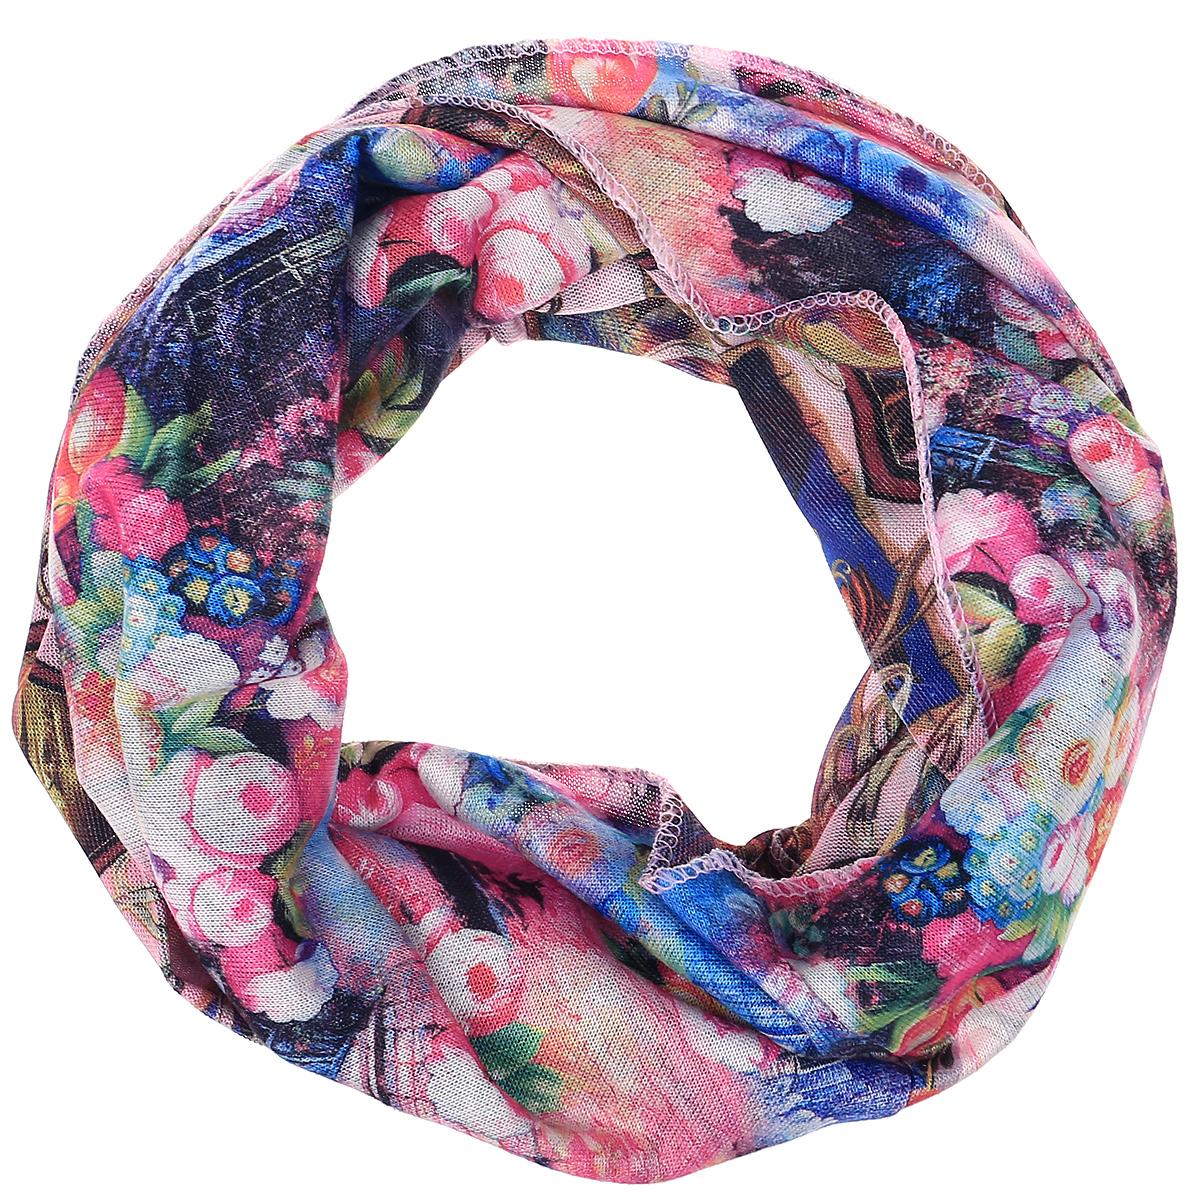 Снуд-хомут женский Vita Pelle, цвет: голубой, розовый. Ro01R2359-A3757-2. Размер 45 см х 70 смRo01R2359-A3757-2Легкий снуд-хомут от Vita Pelle выполнен из двустороннего трикотажного полотна и оформлен цветочным принтом. Кромка обработана оверлоком.